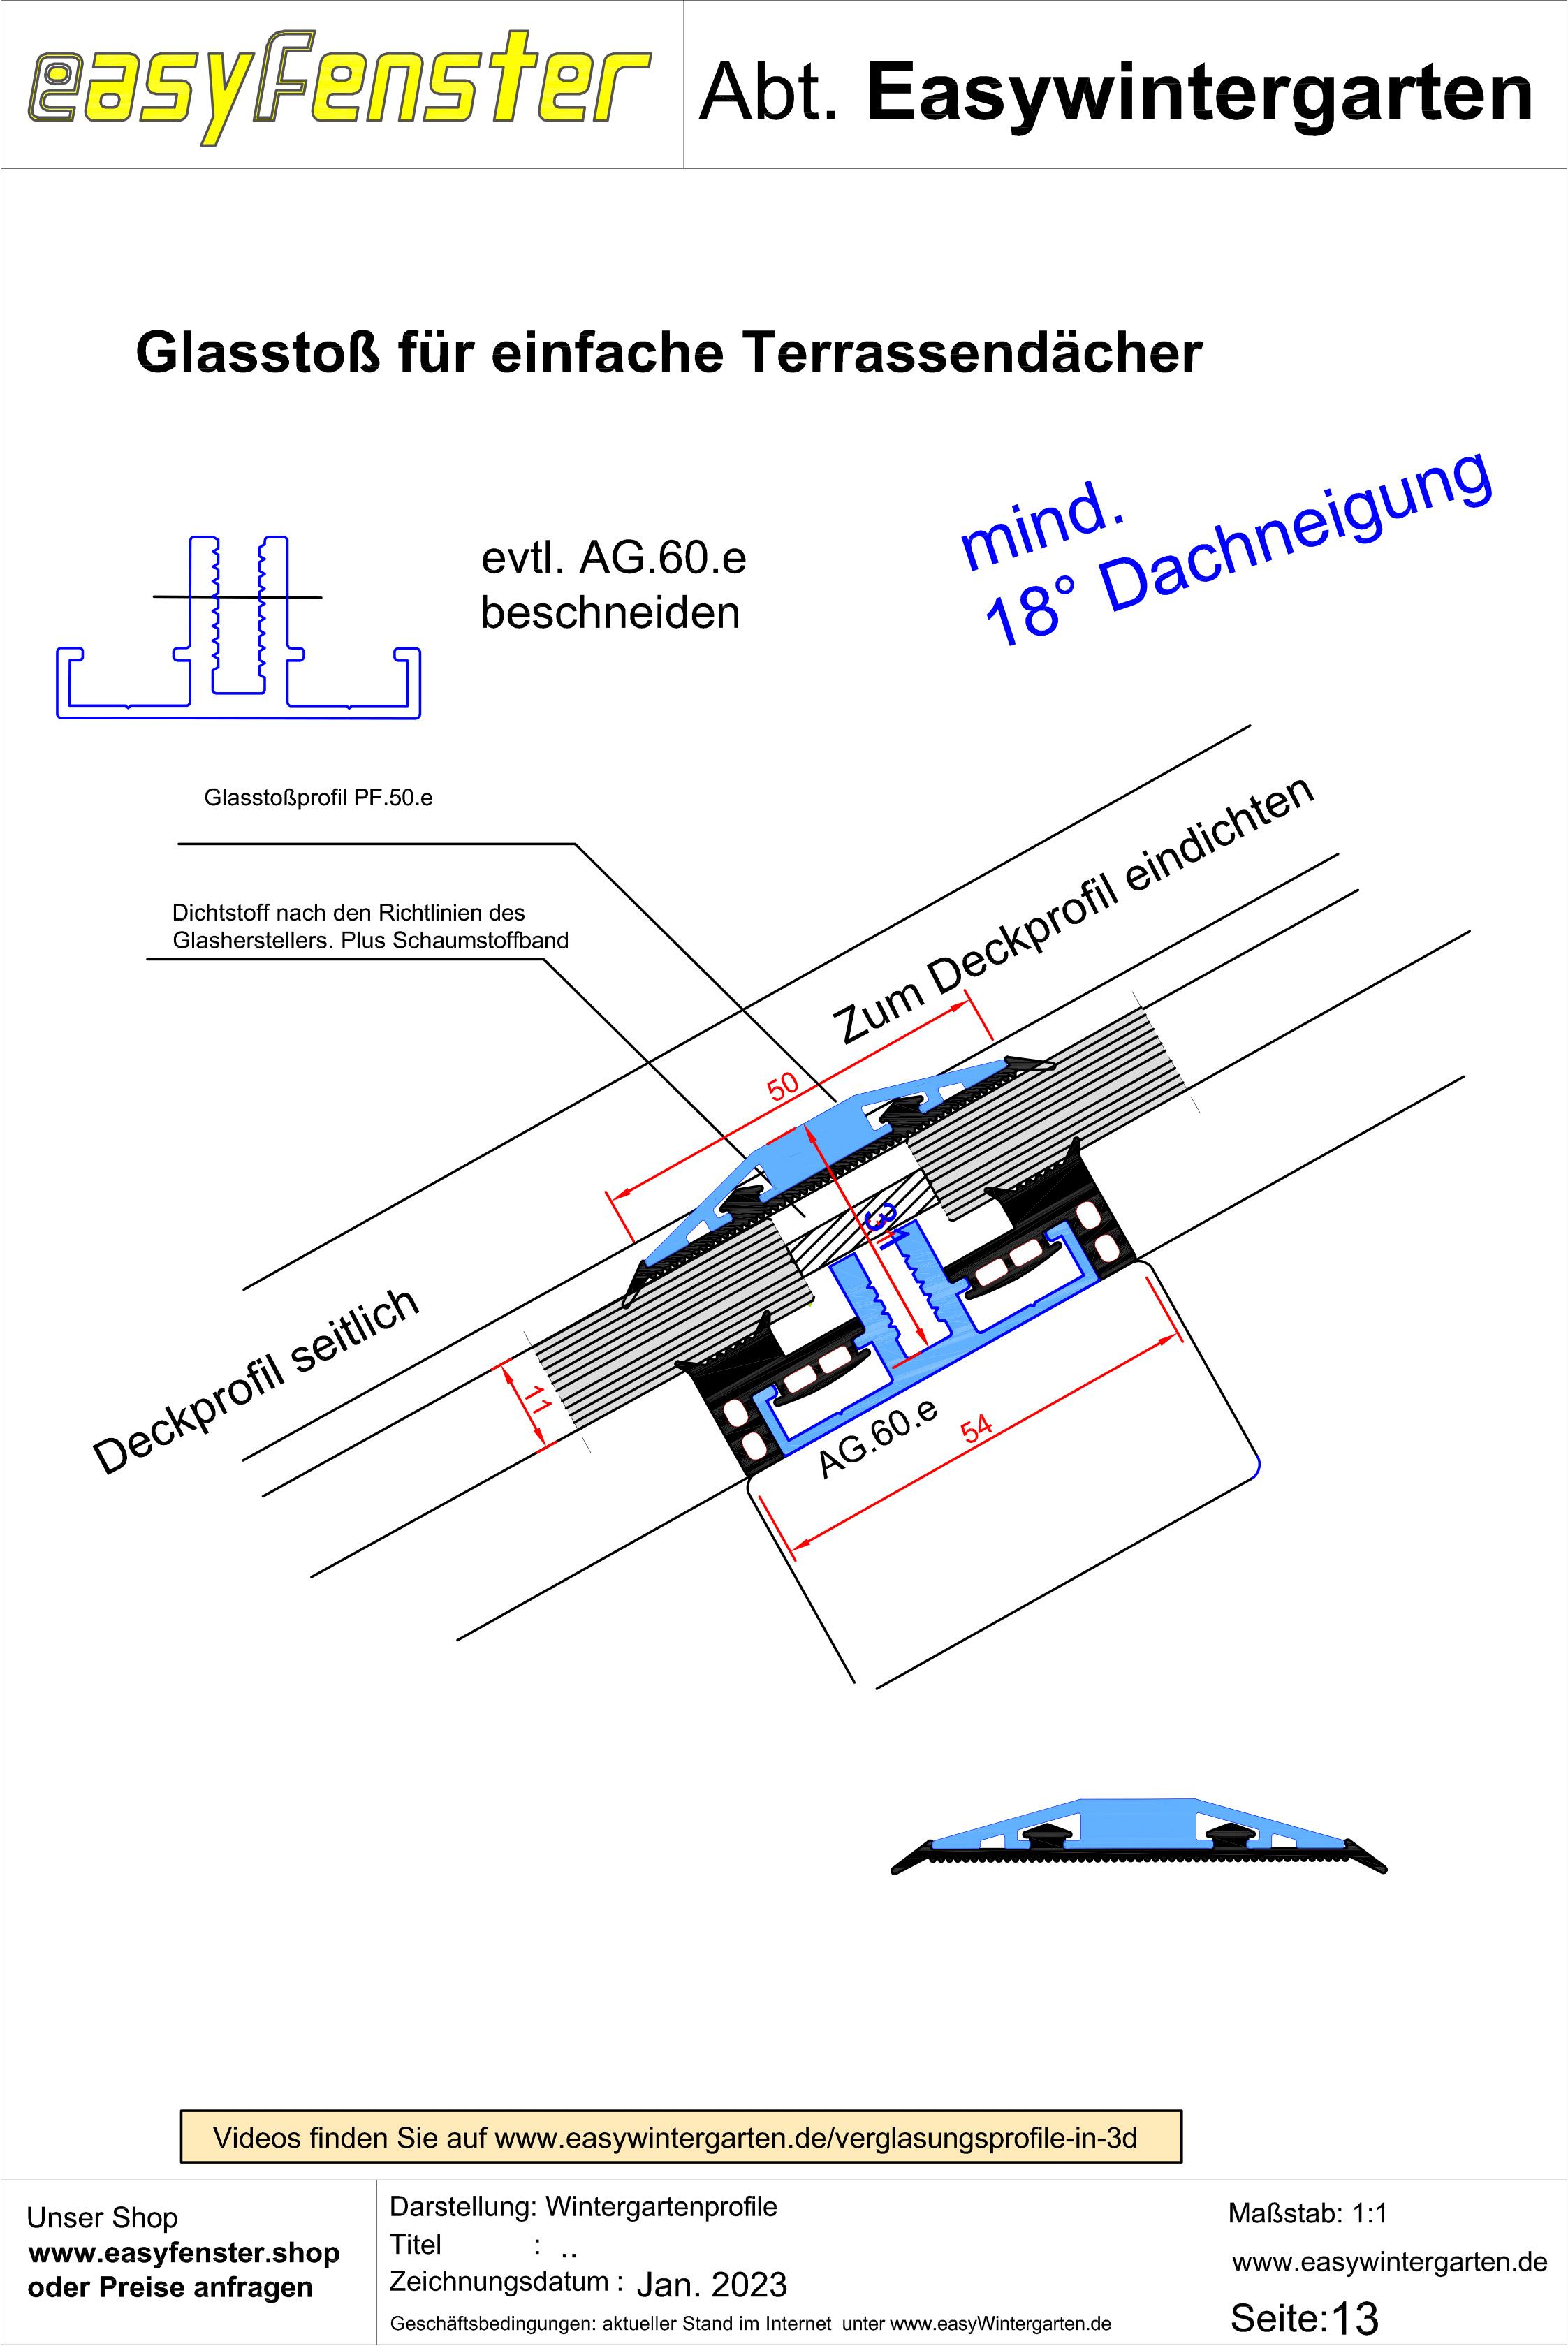 Easy Wintergarten alu glasauflageprofil premium einfache überdachungen glasdächer